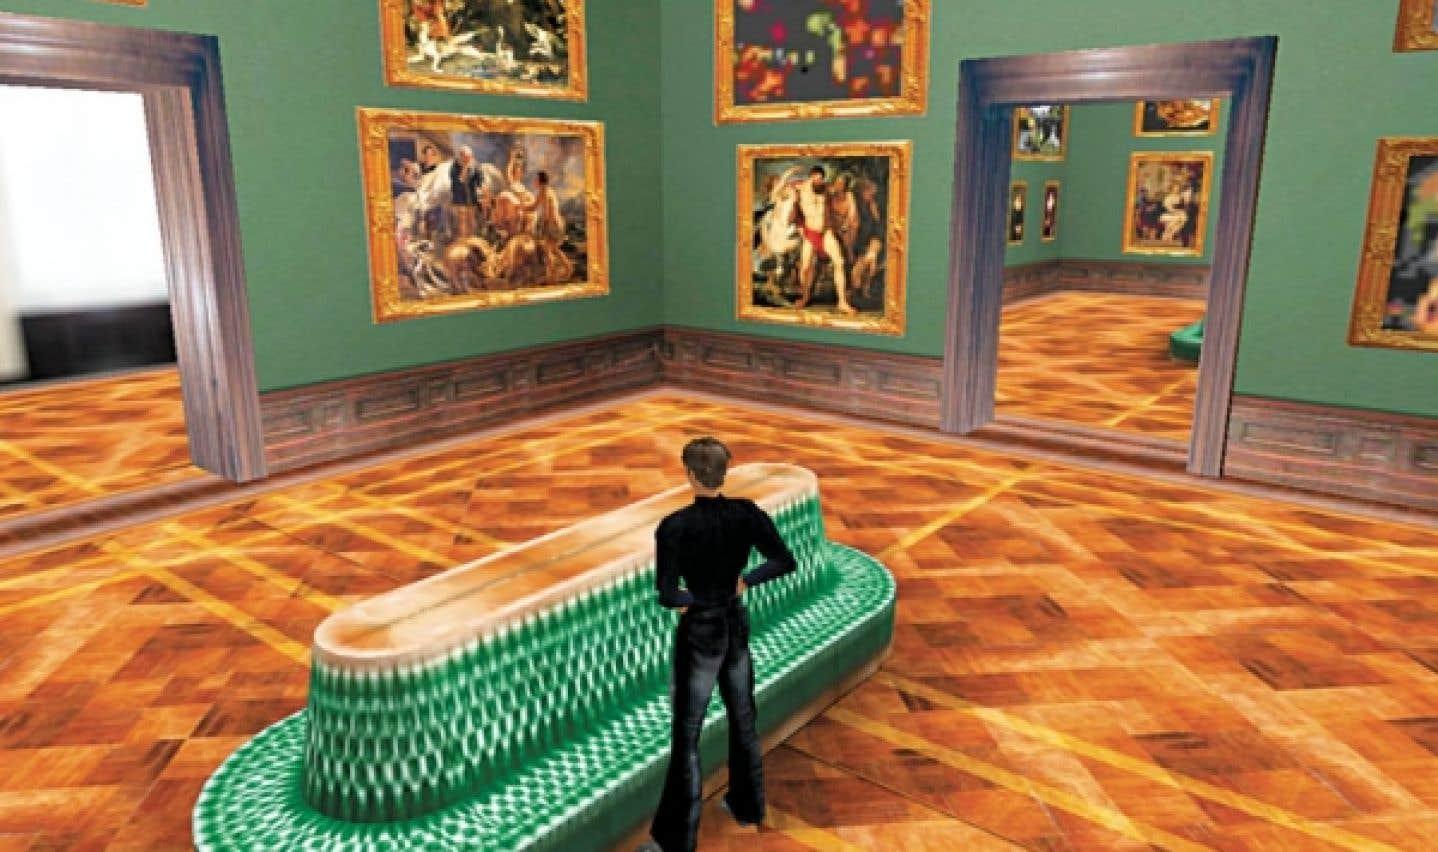 L'univers virtuel de Second Life regorge d'expositions artistiques dans lesquelles les personnes âgées pourraient s'évader.